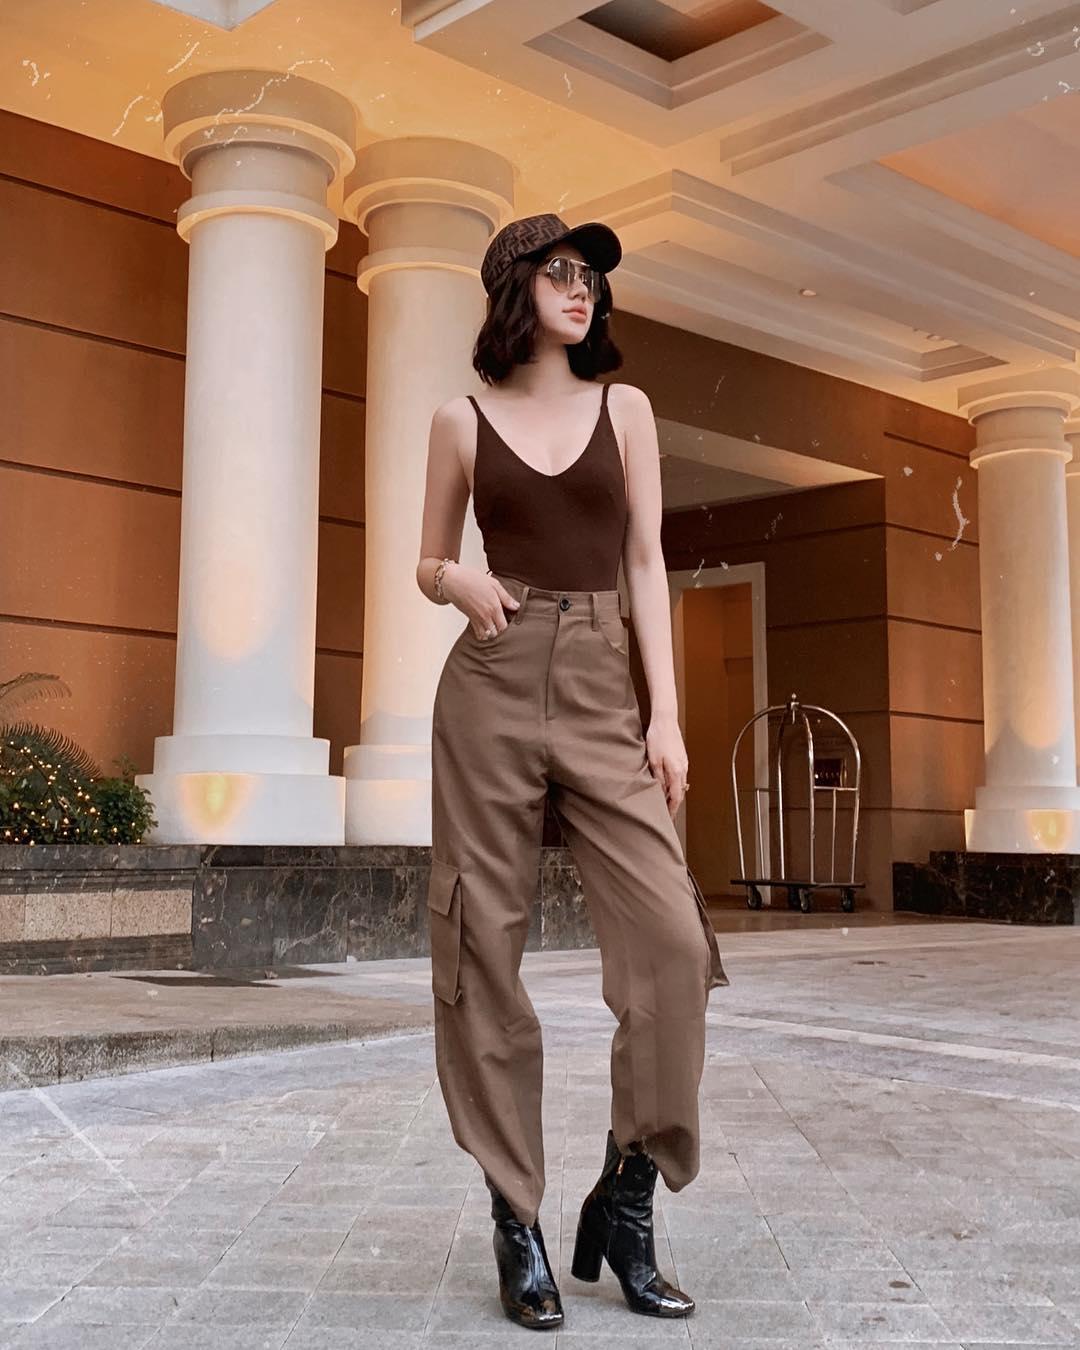 Nhìn Jolie Nguyễn mà rút kinh nghiệm, chị em đừng chọn mẫu quần này nếu không muốn dìm dáng và người lùn 1 mẩu - Ảnh 3.